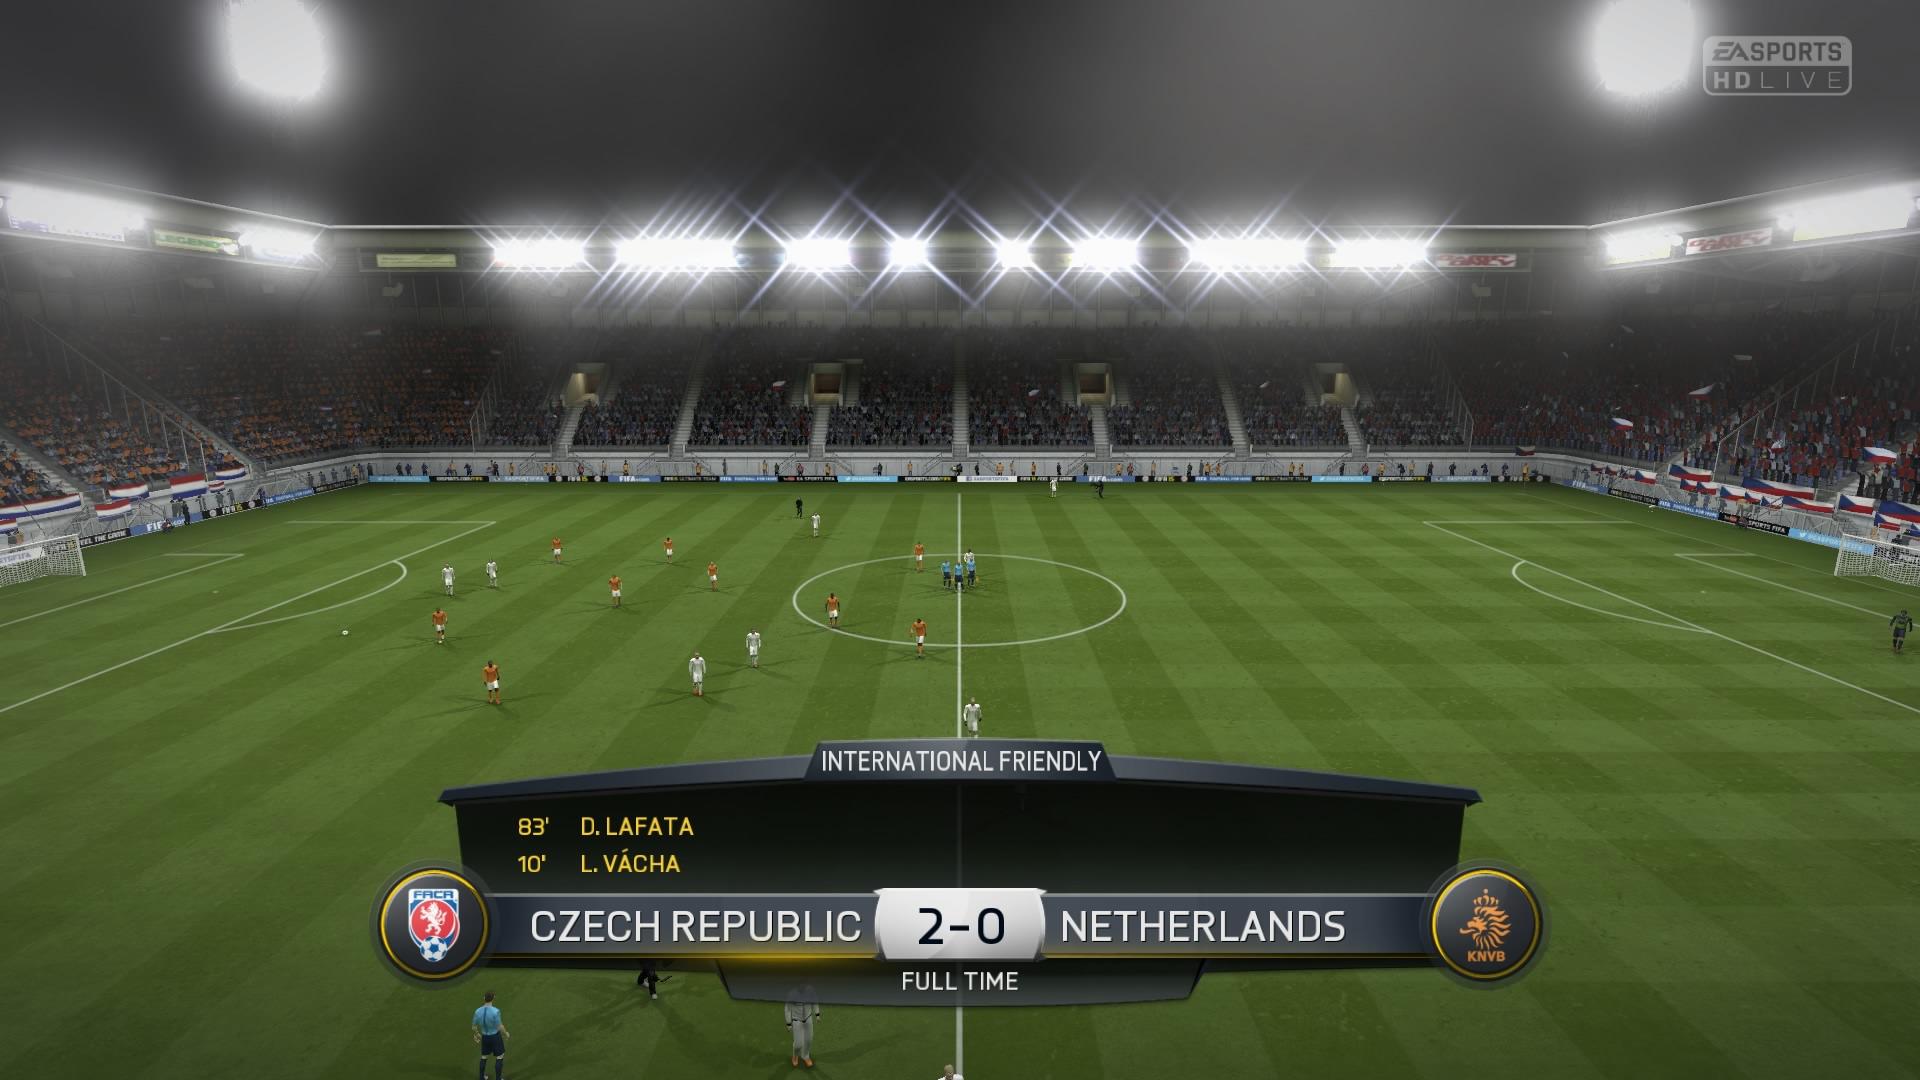 FIFA 15 – sportu zdar a fotbalu od EA Sports zvlášť 102095